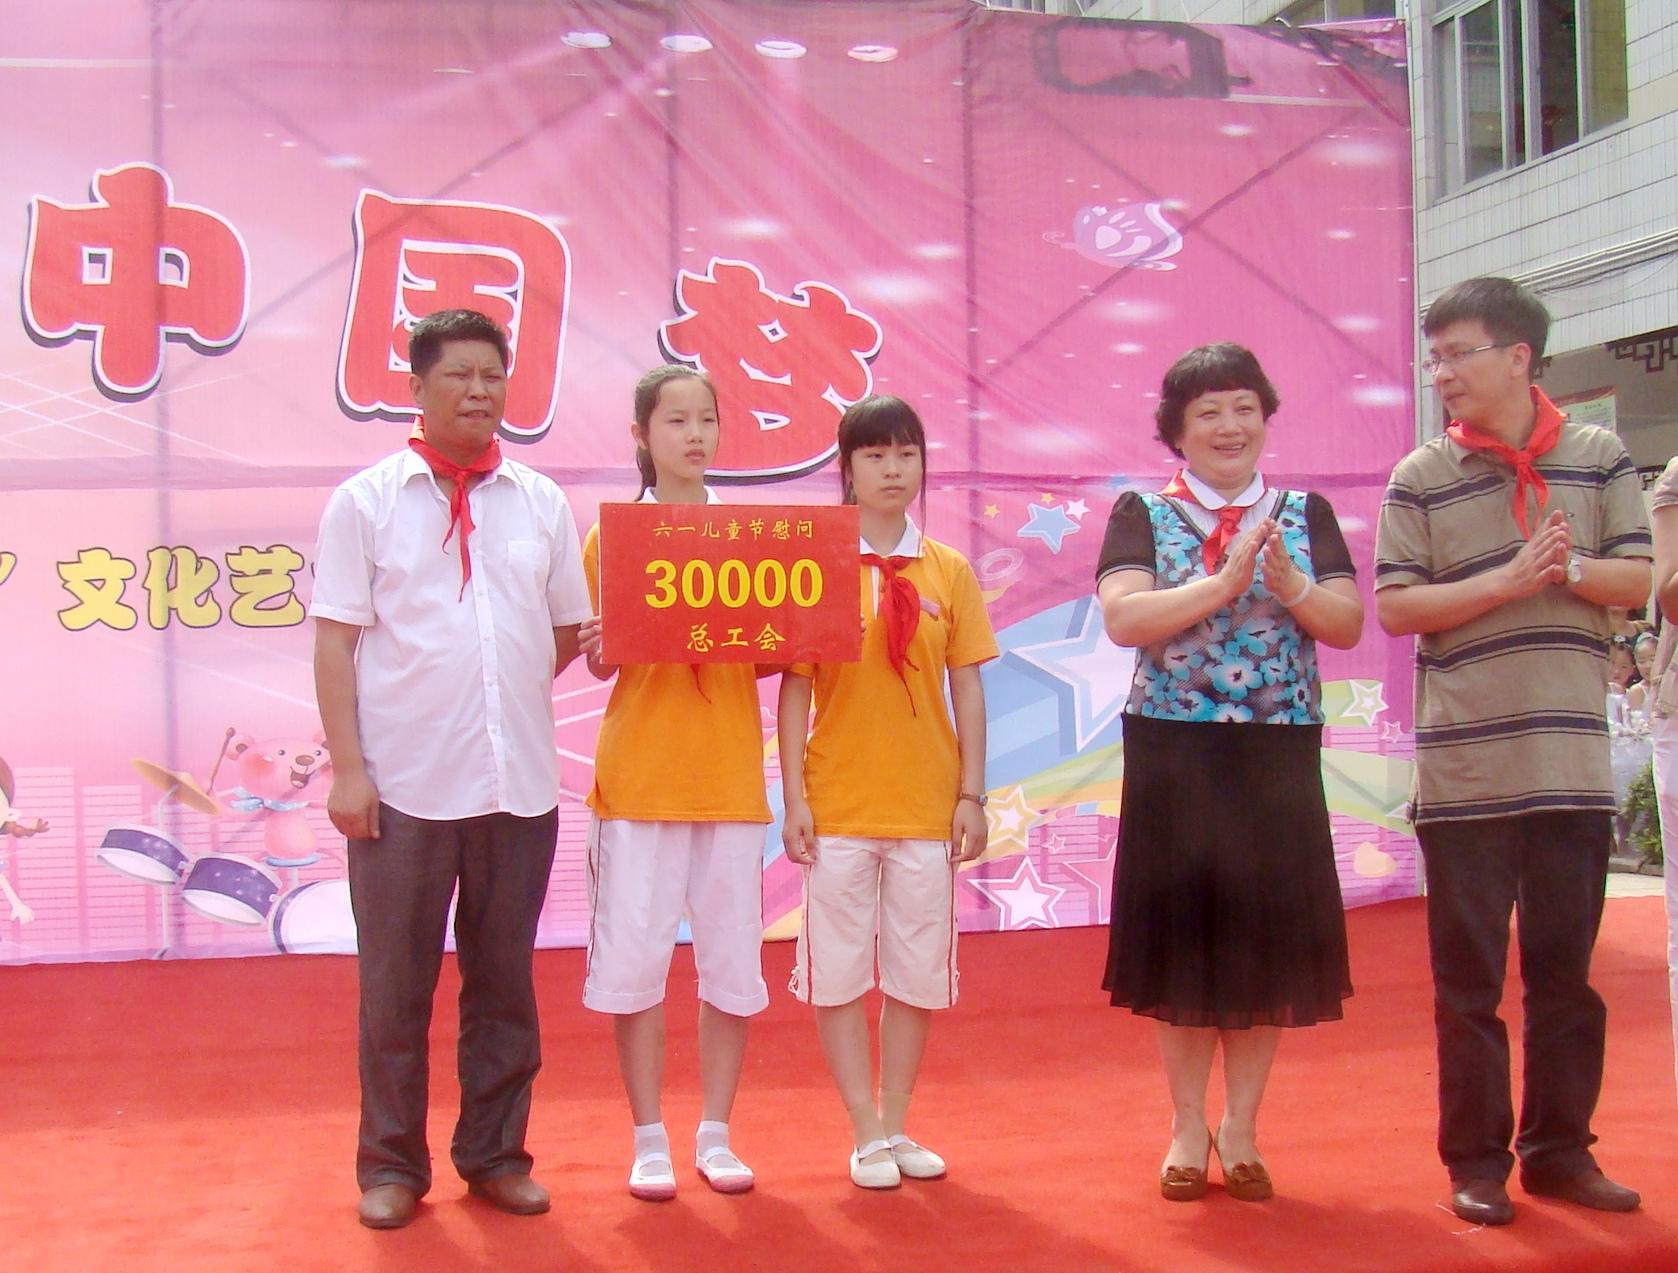 红领巾相约中国梦--福安市逸夫小学庆六一校小学生心理知识图片